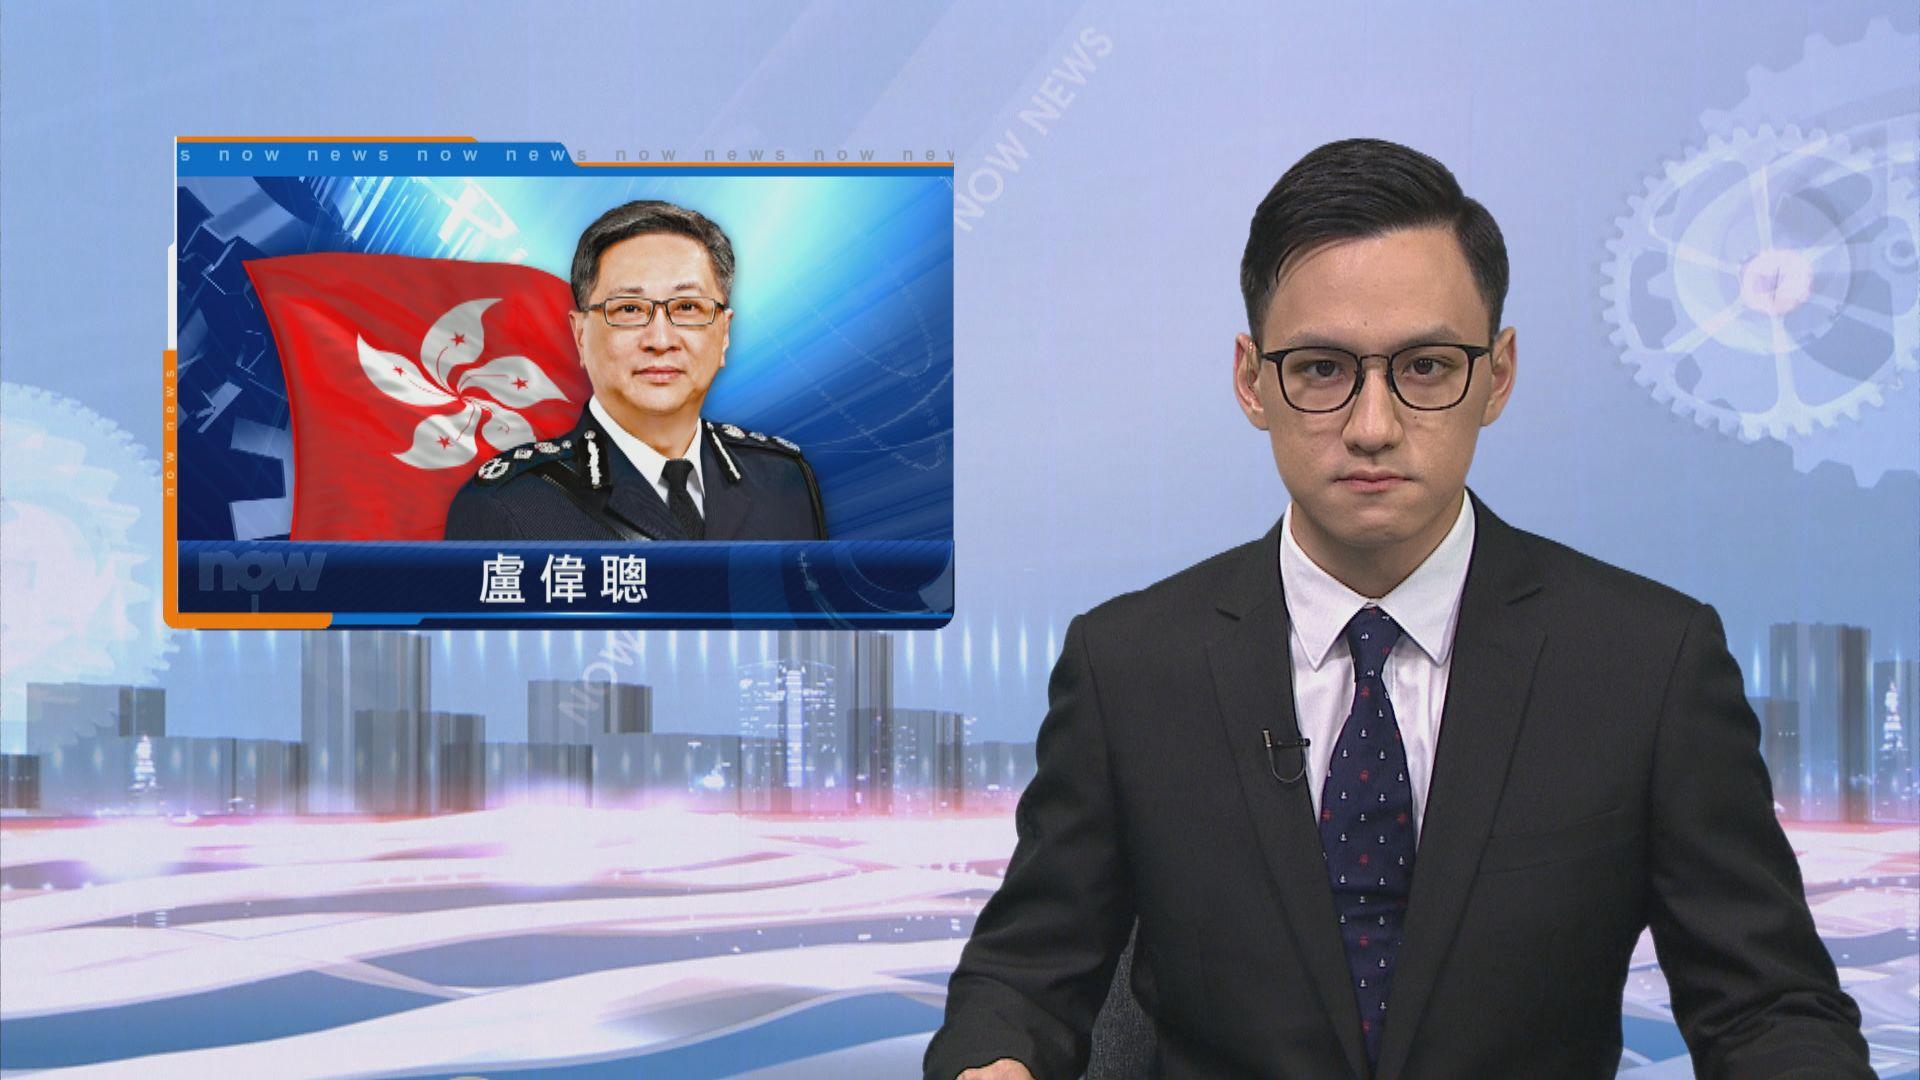 盧偉聰:警隊是守護香港第一及最後一道防線